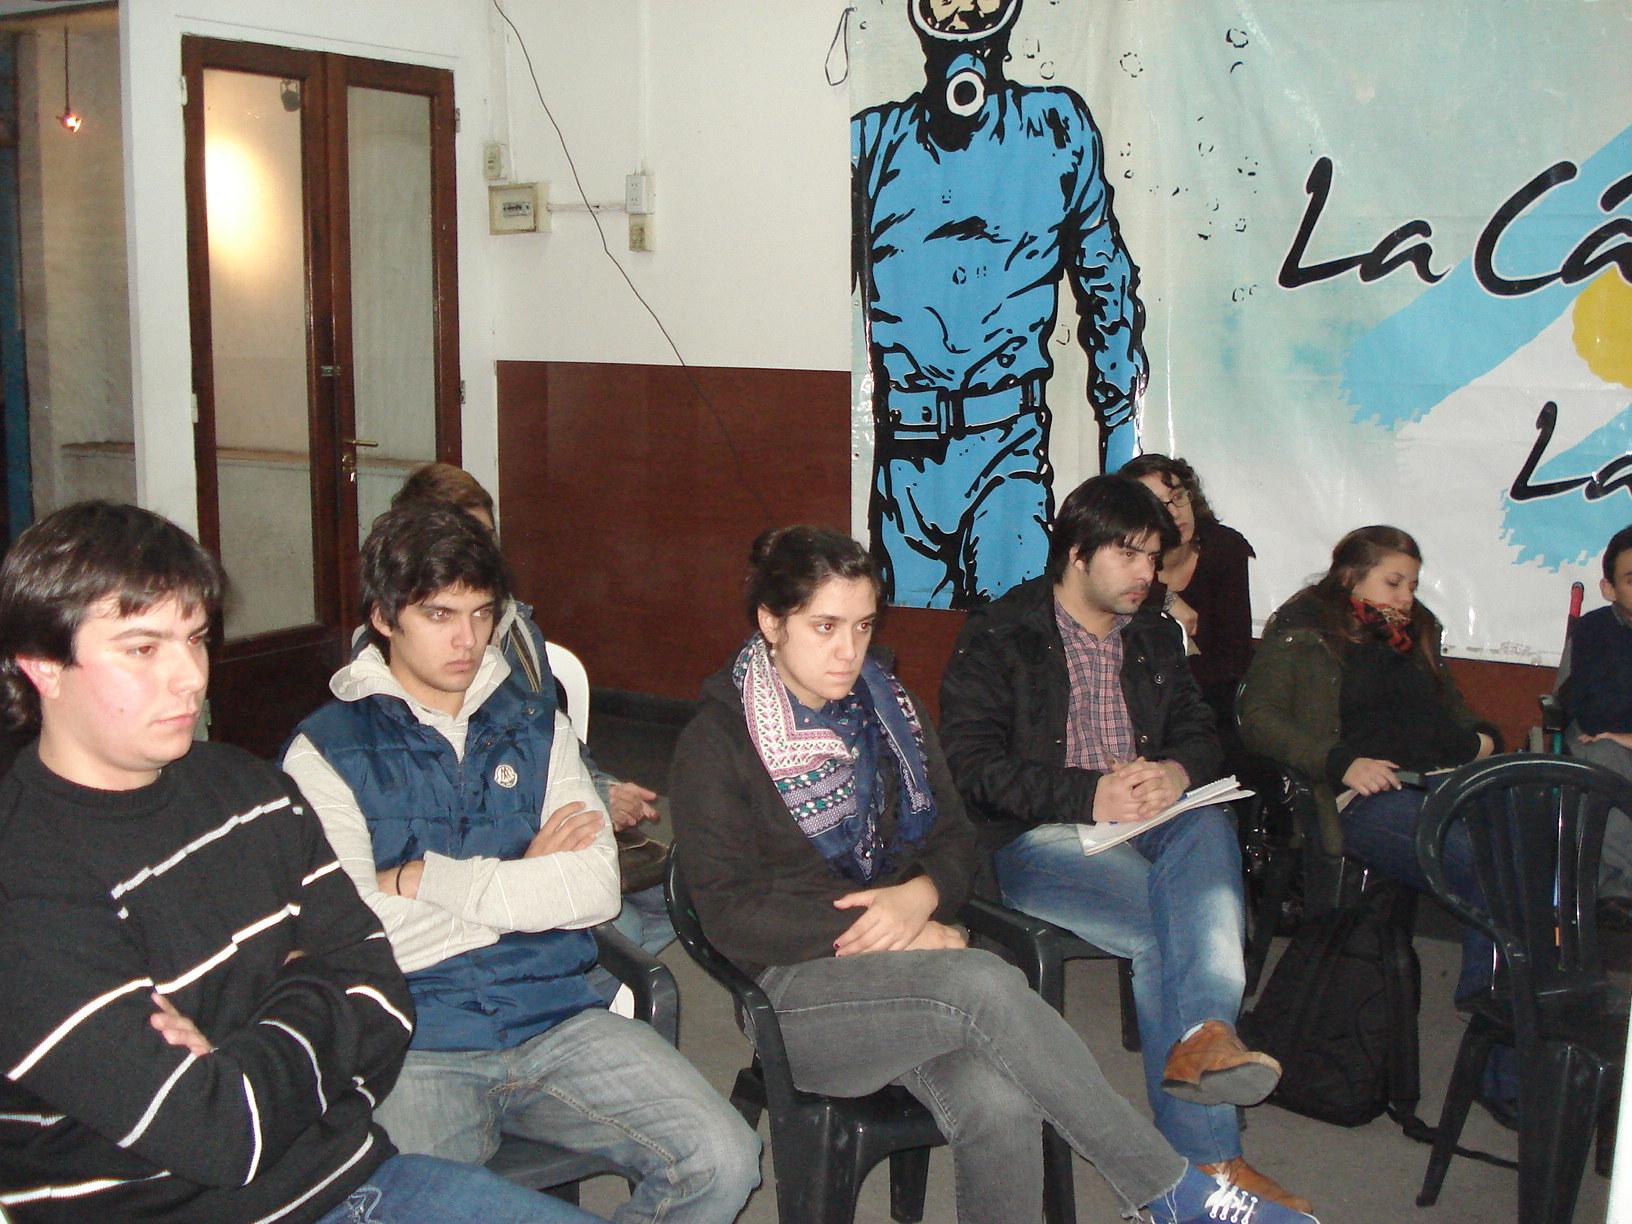 Charla de Primeros Auxilios en La Plata